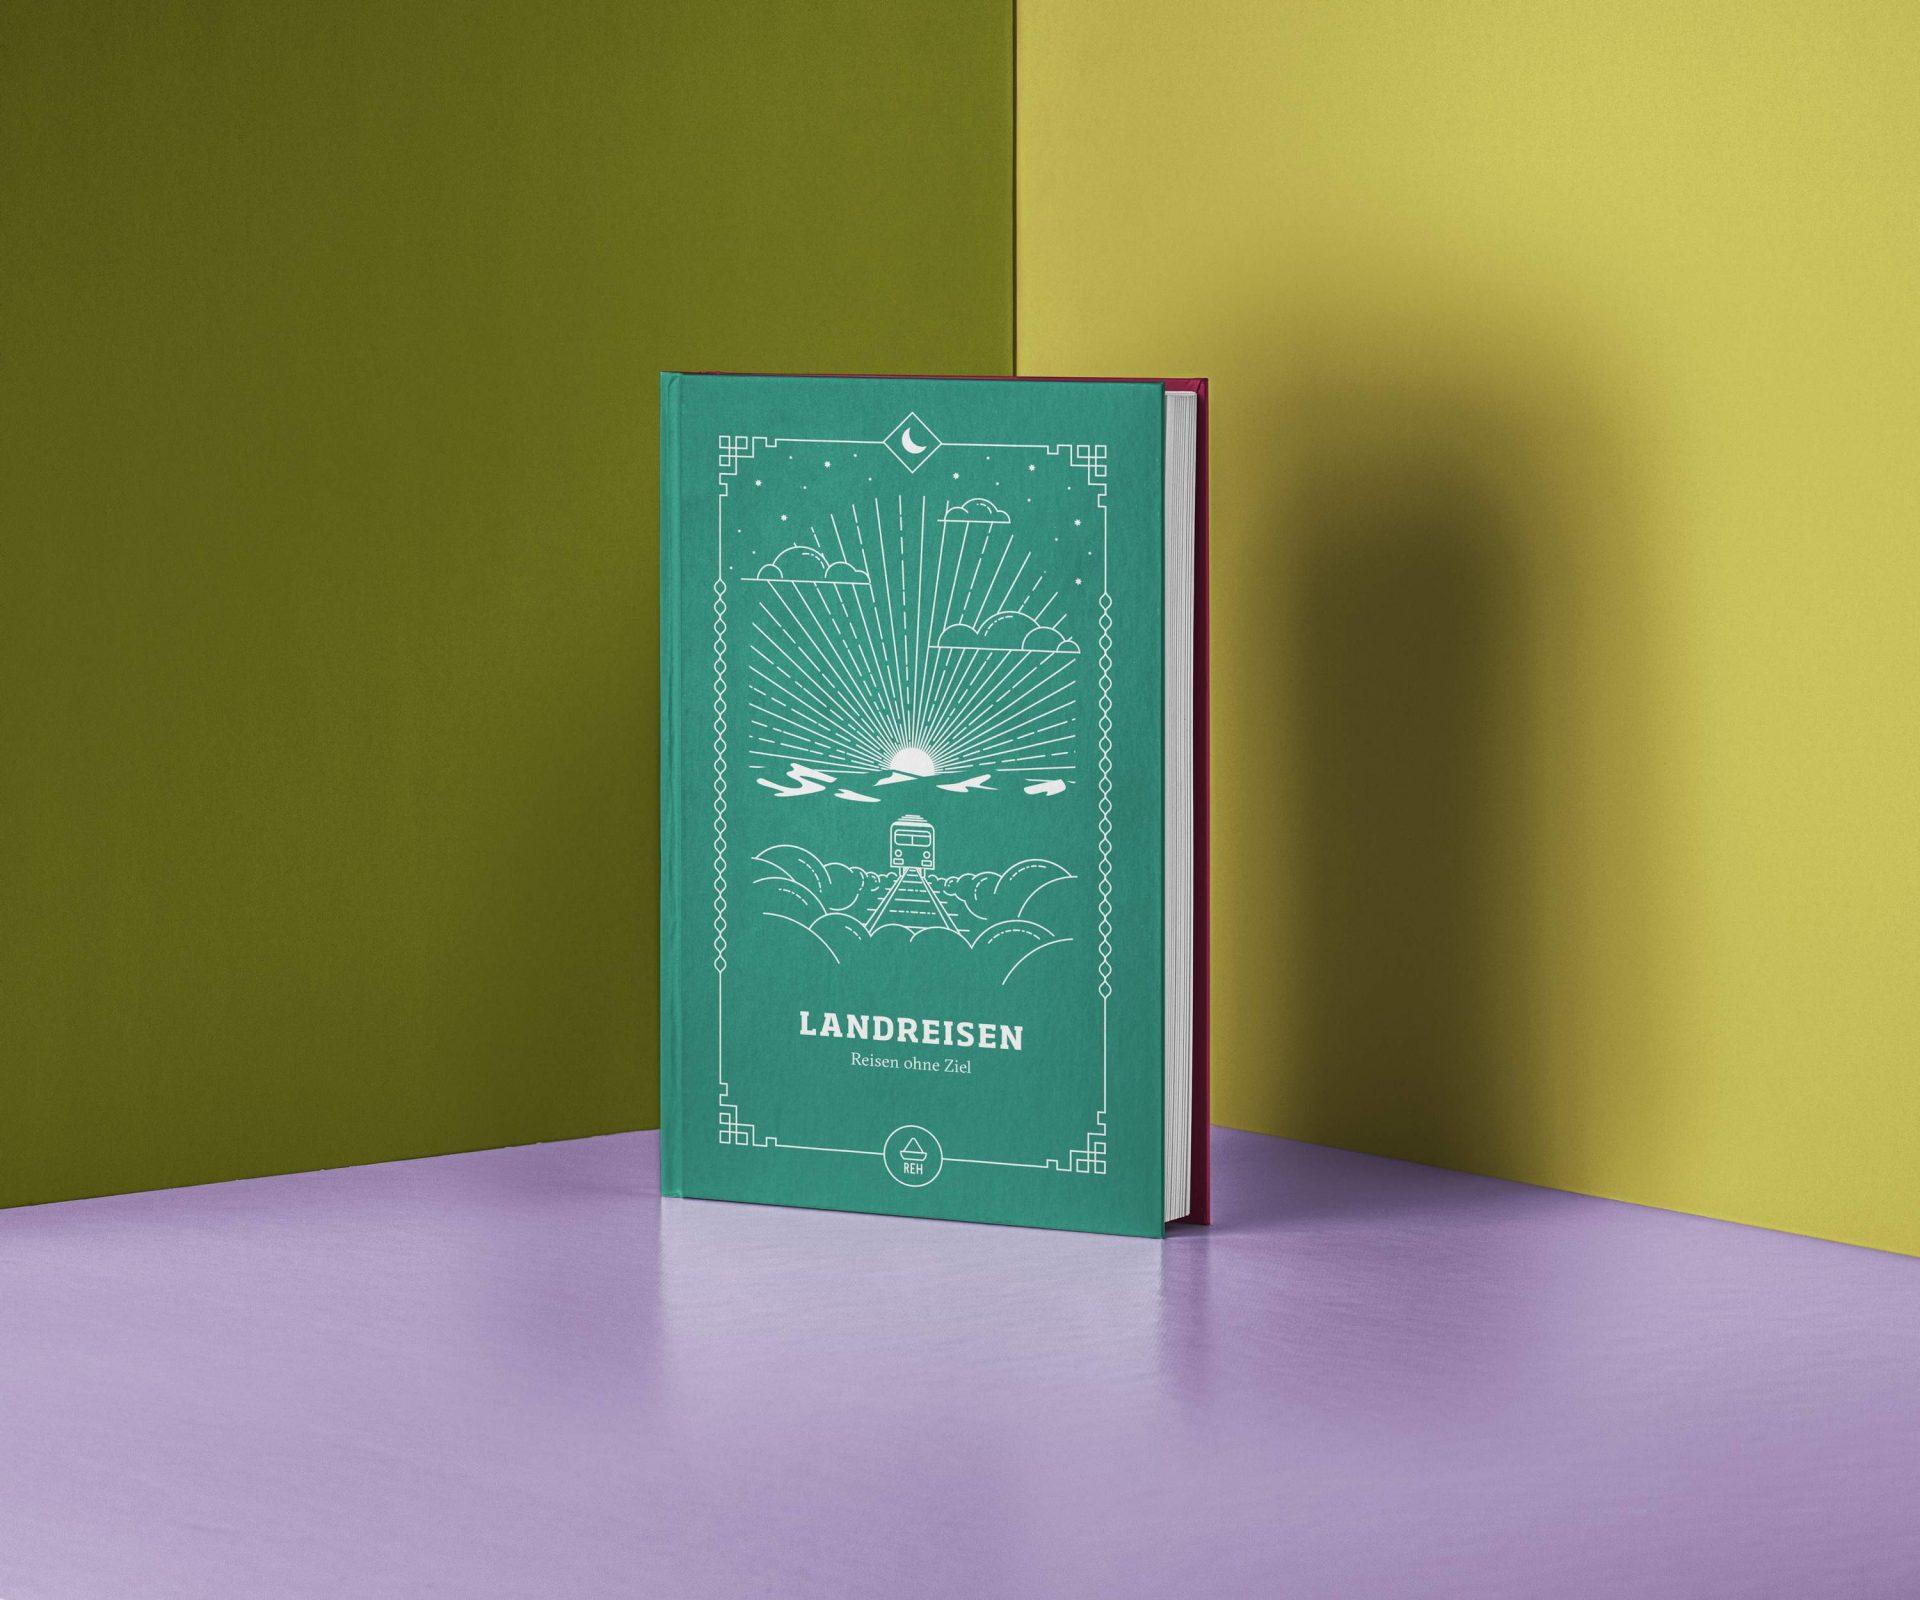 LANDREISEN Softcover Edition